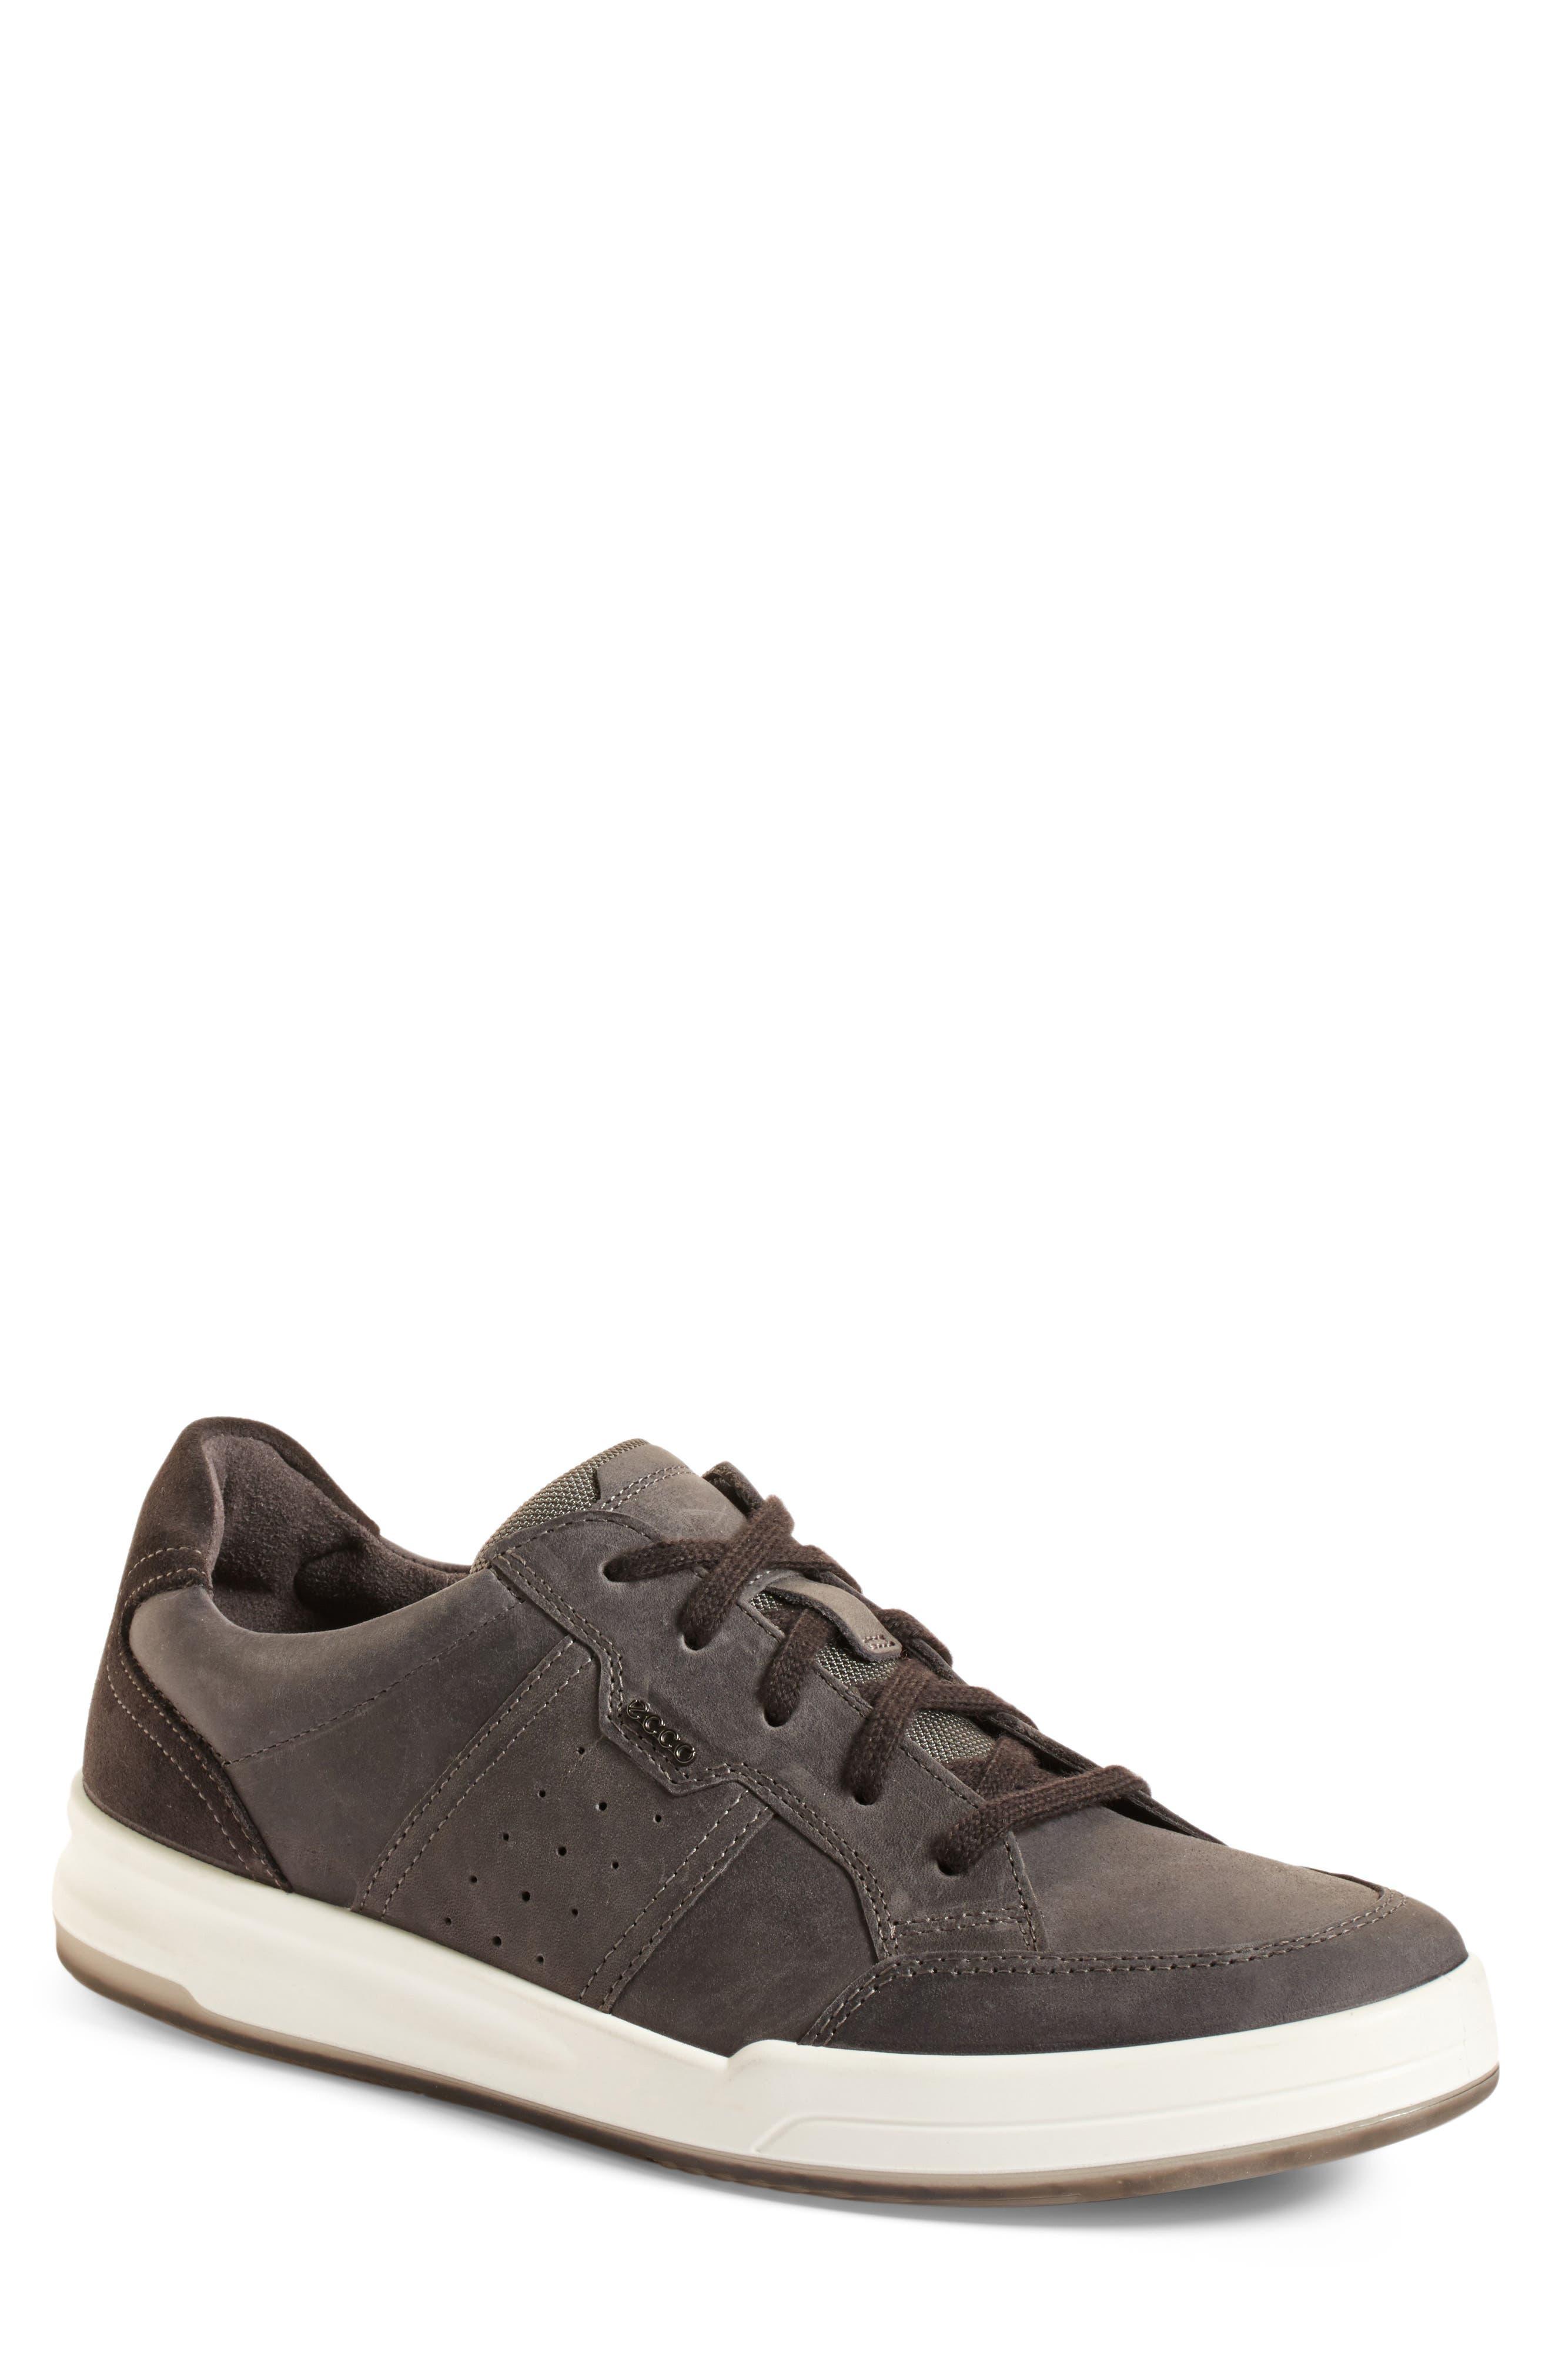 Main Image - ECCO 'Jack' Sneaker (Men)